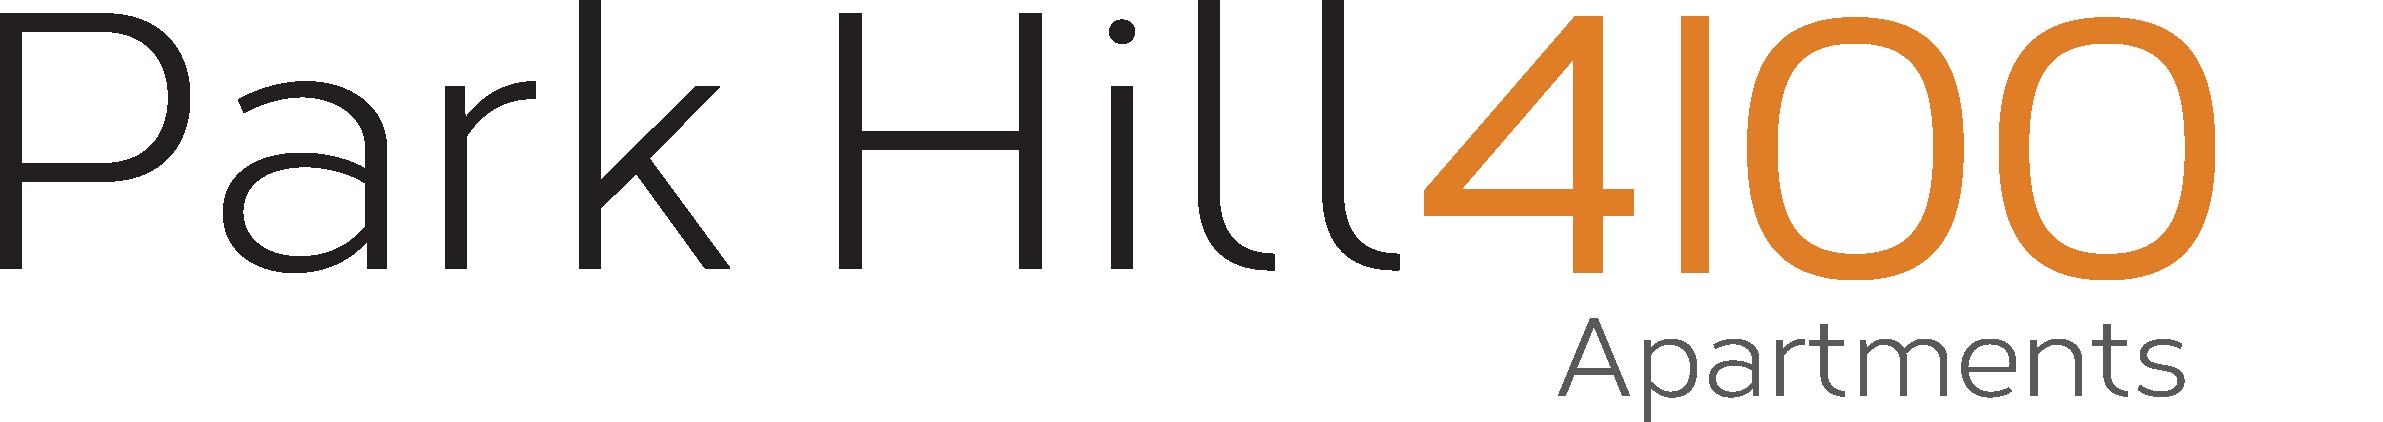 ph4100-logo